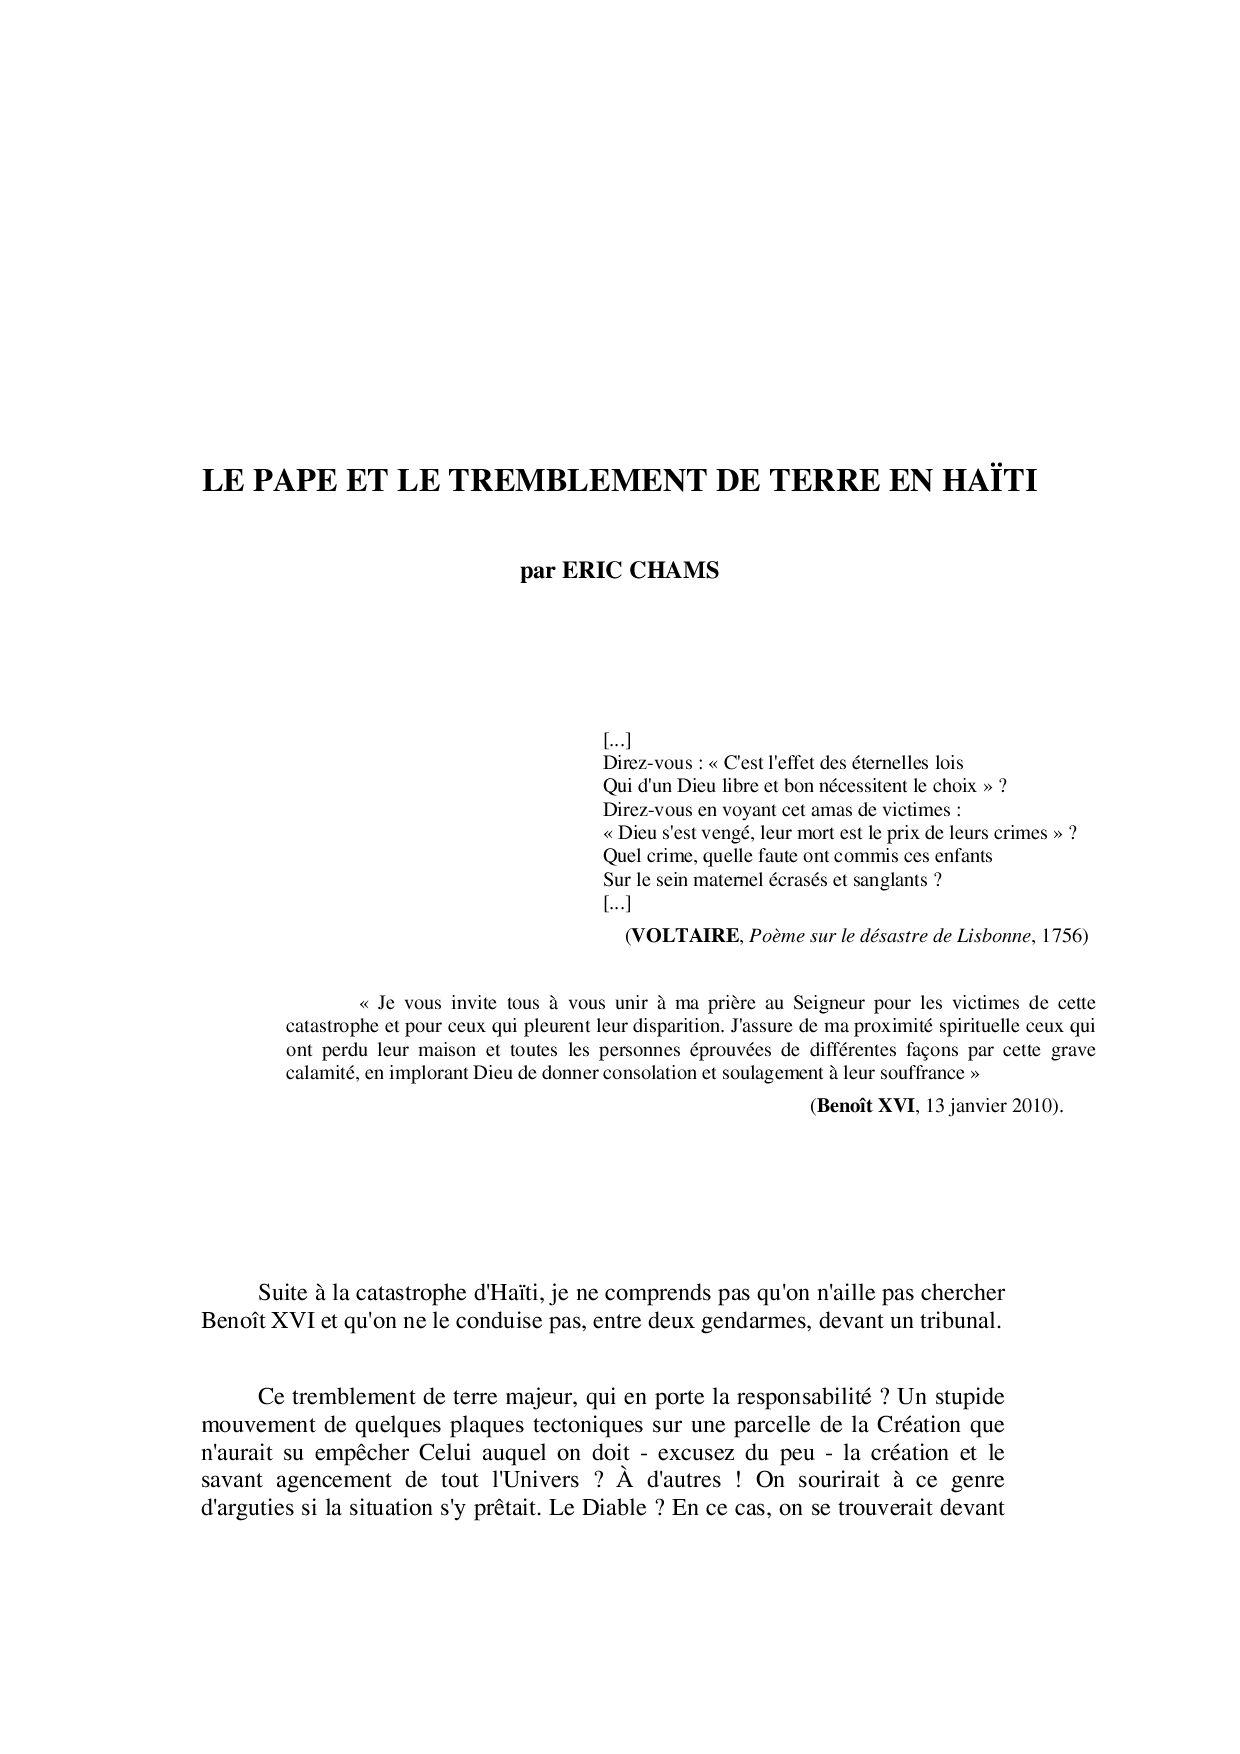 Le Pape Et Le Séïsme En Haïti Par Eric Chams 2010 By